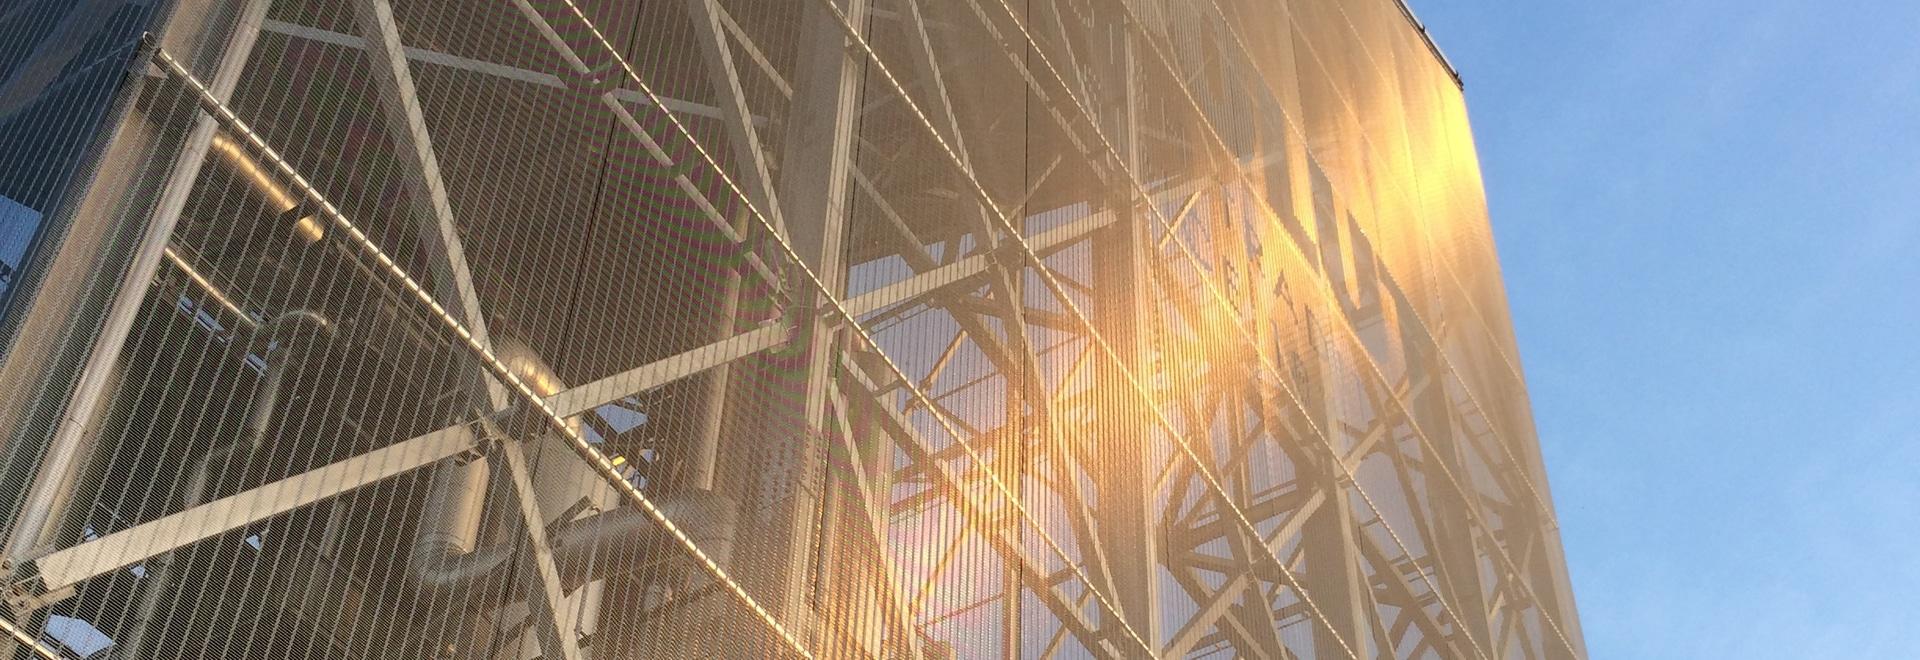 Rivestimento della facciata in rete metallica in acciaio inox